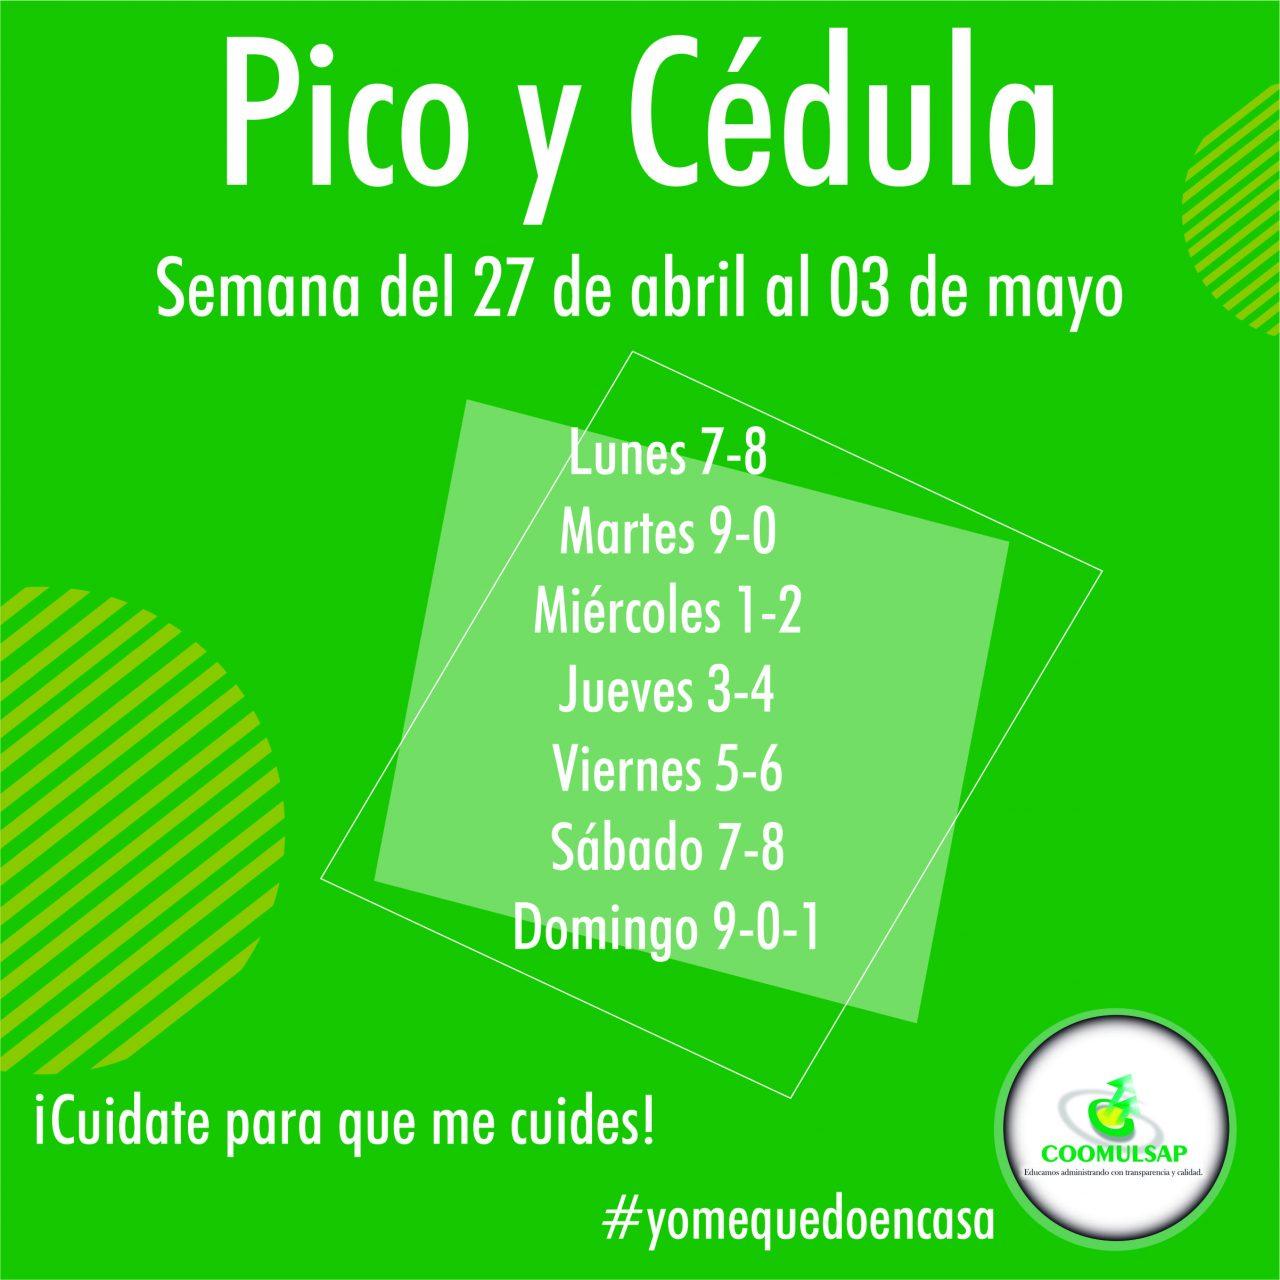 Pico-y-cedula-1280x1280.jpg